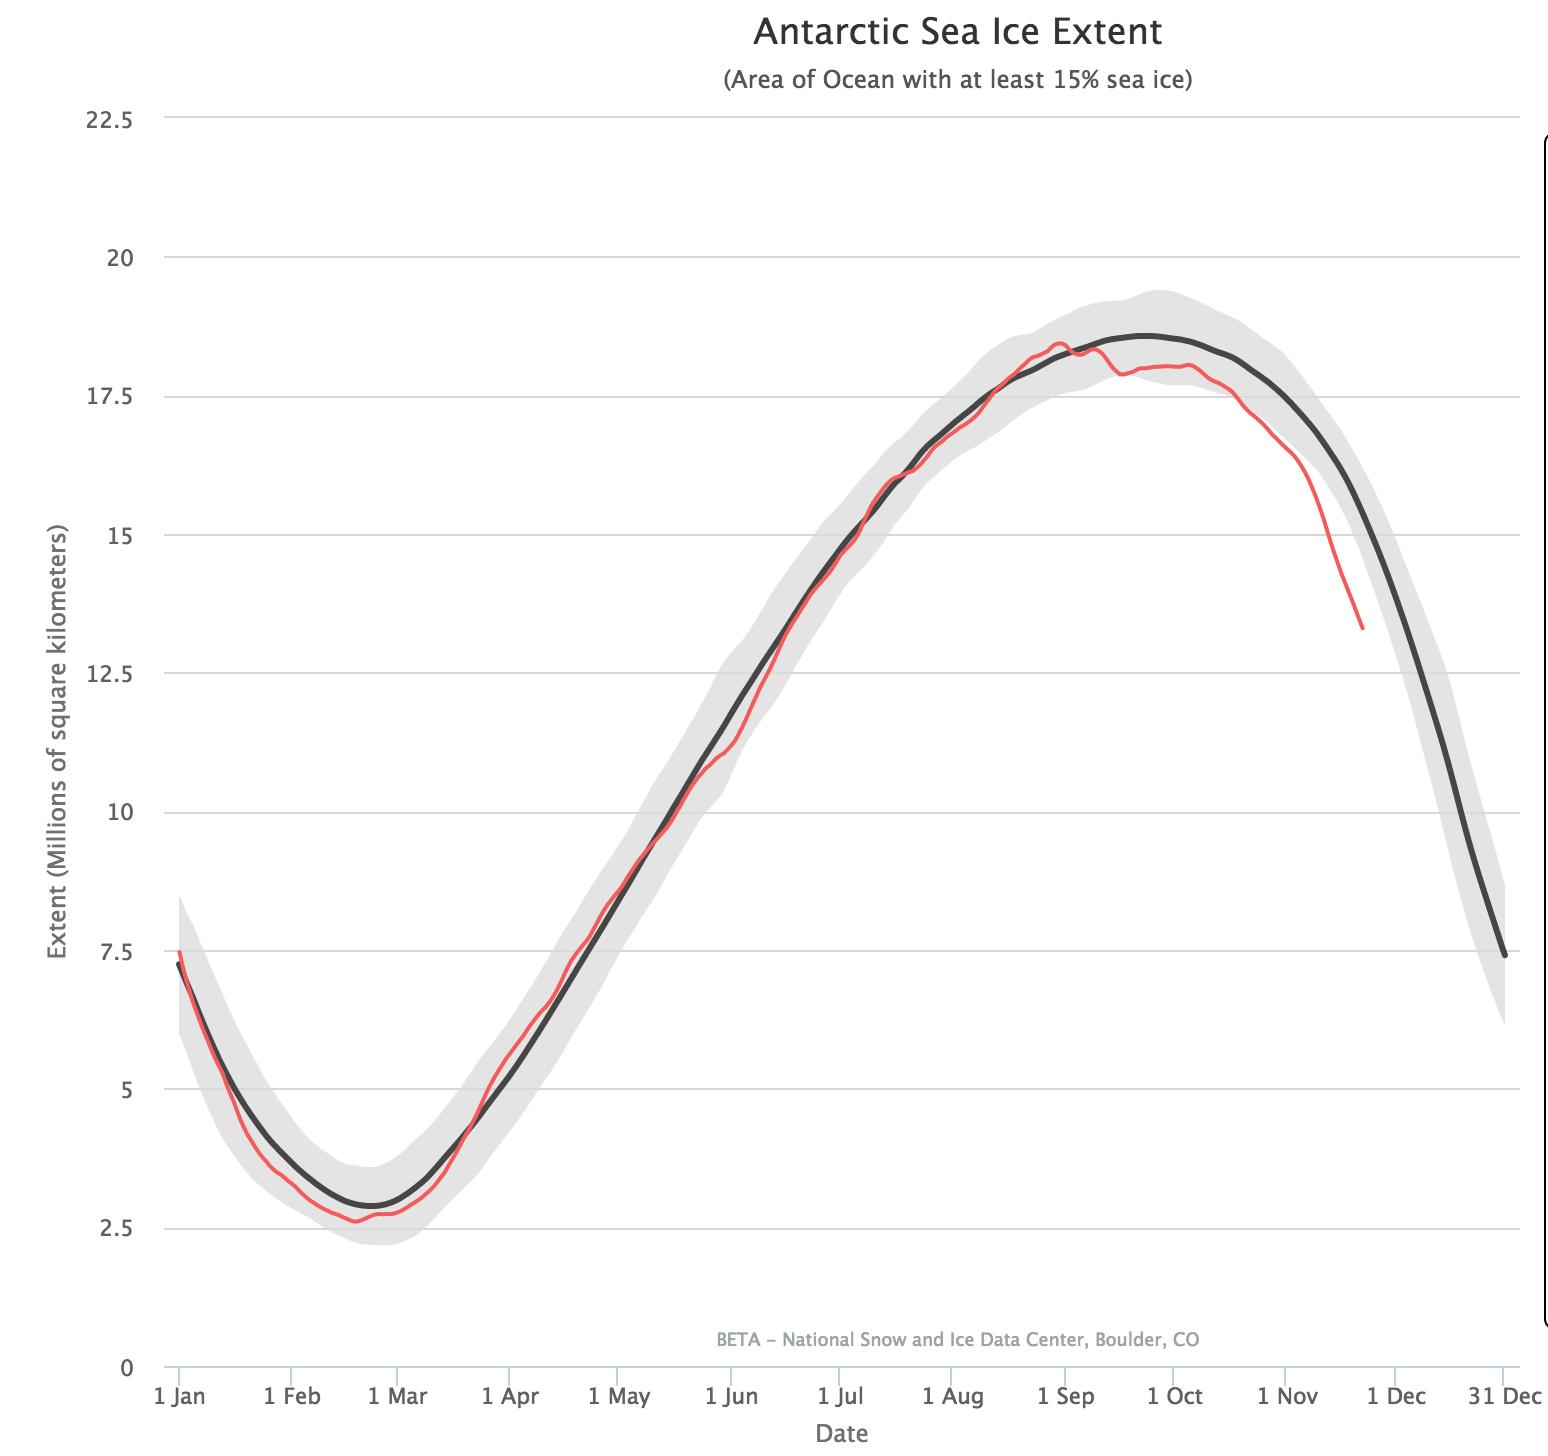 Extensão de gelo na Antártida